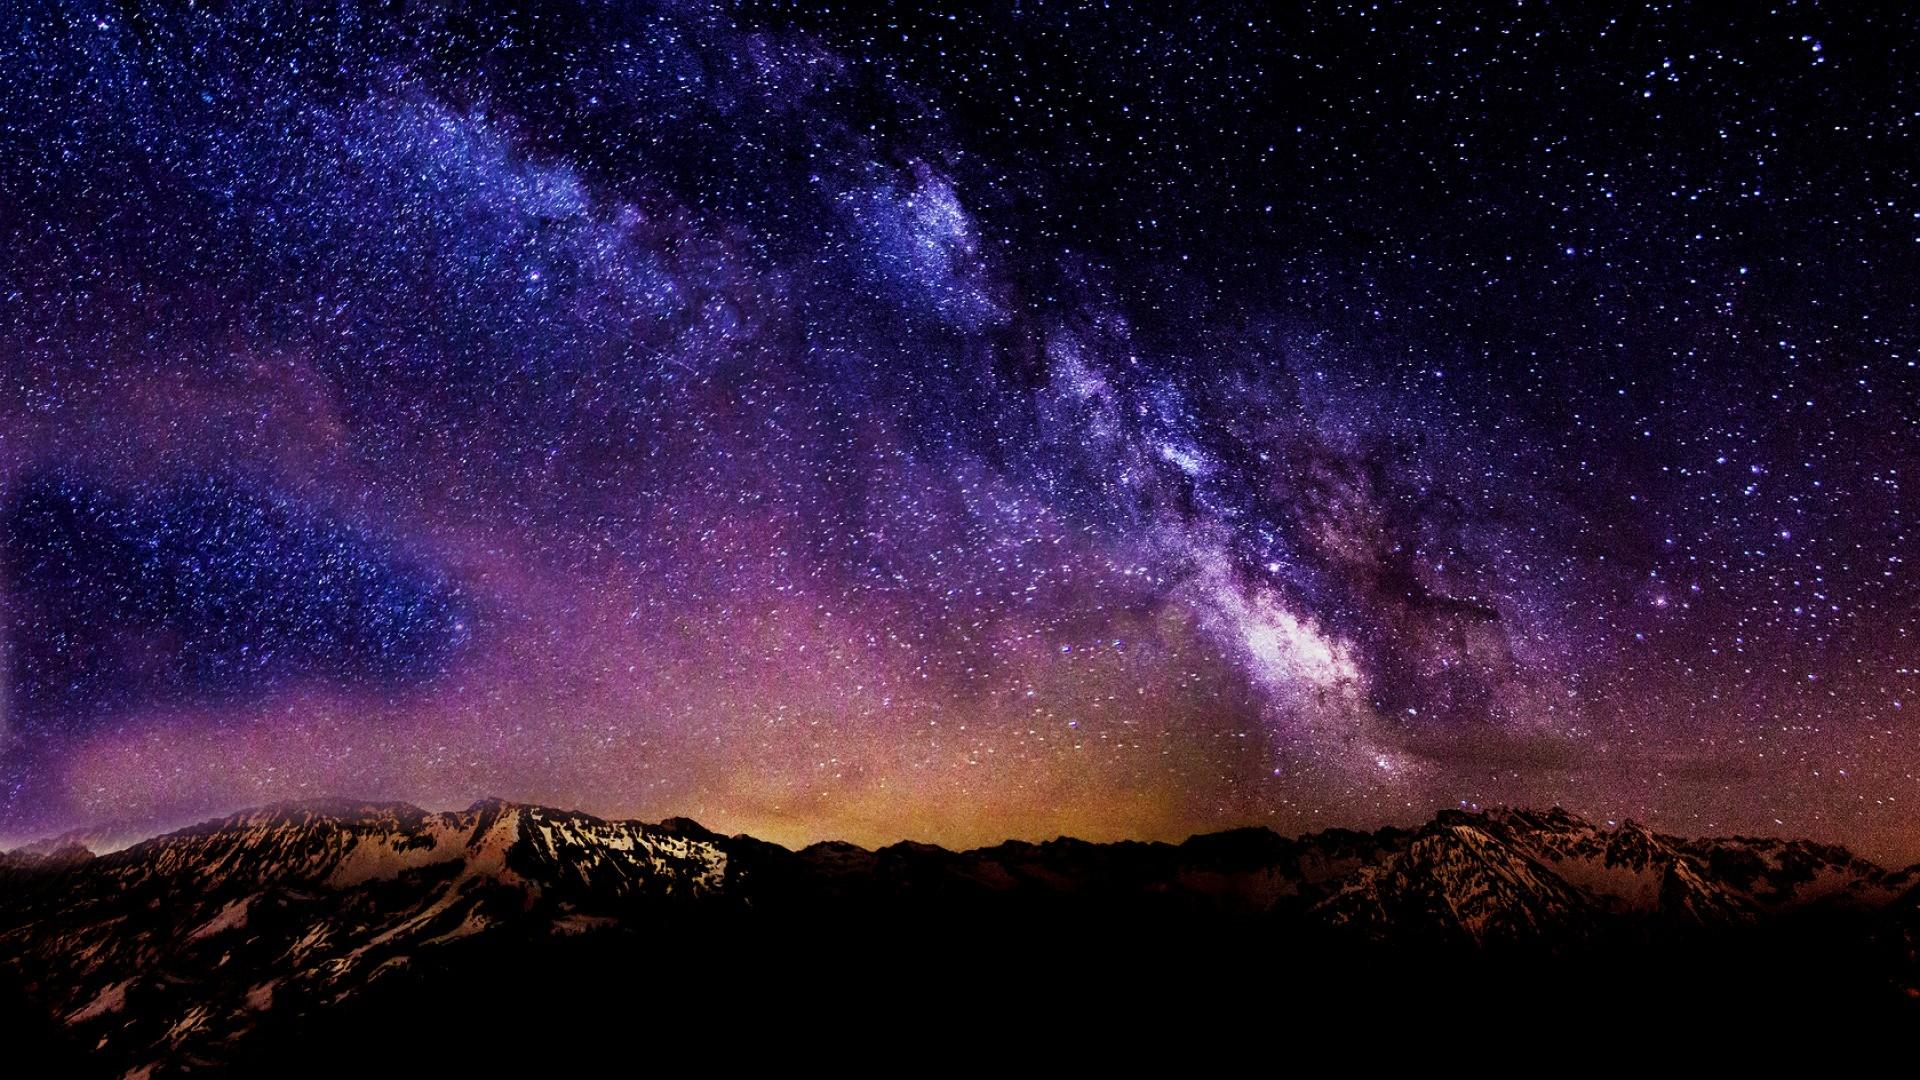 page d'accueil > Nature Fonds d'écran HD > ciel étoilé, étoiles